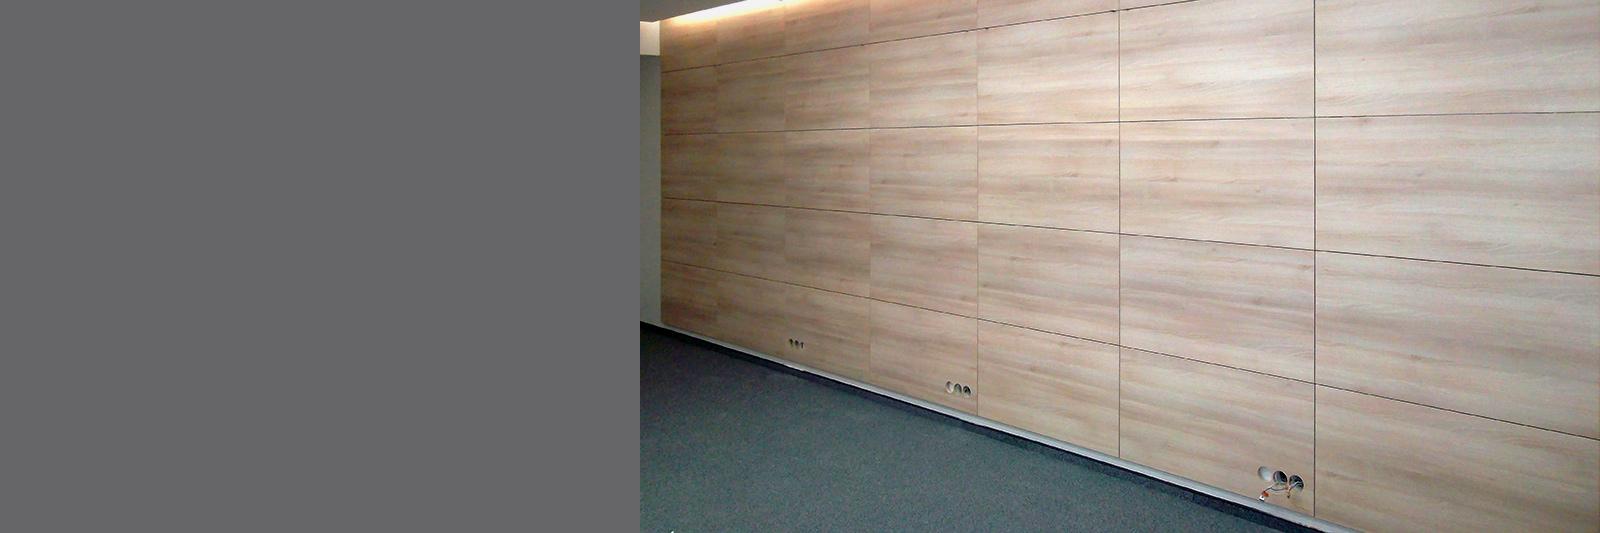 Стеновые панели для офиса из шпона по индивидуальному заказу